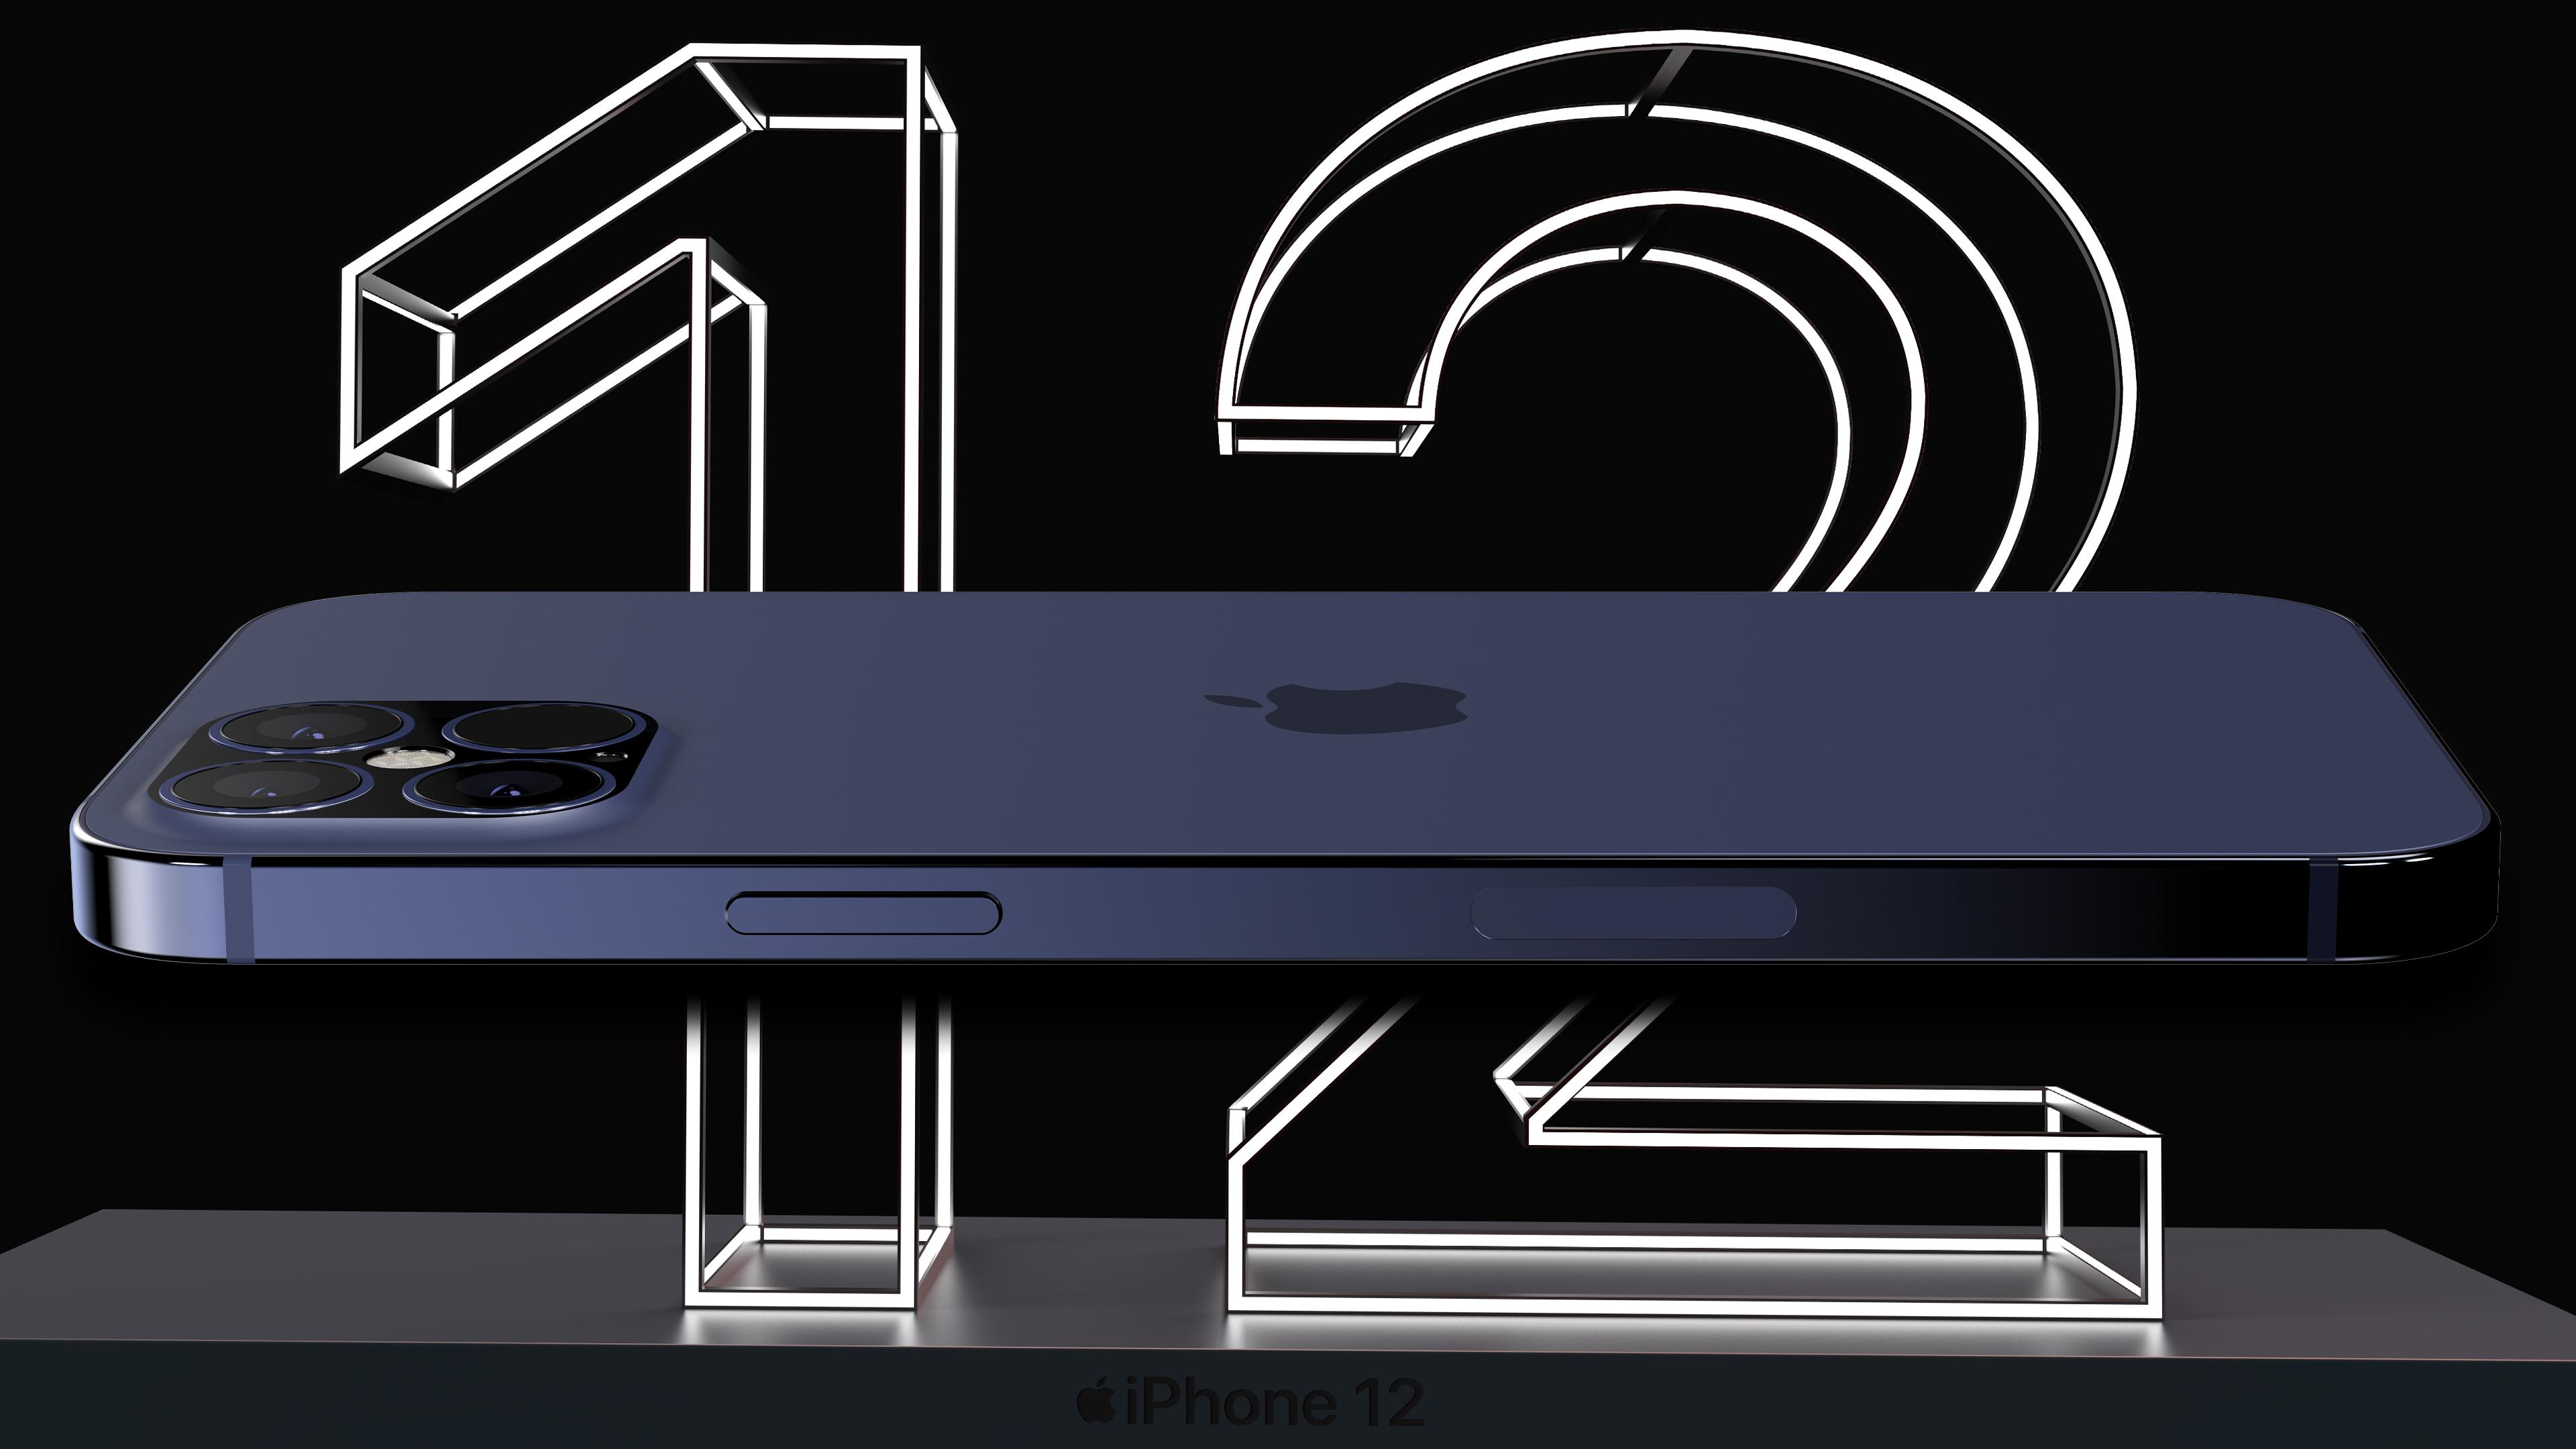 Apple iPhone 12 Pro Max cena rendery design plotki przecieki wycieki kiedy premiera wygląd 5G